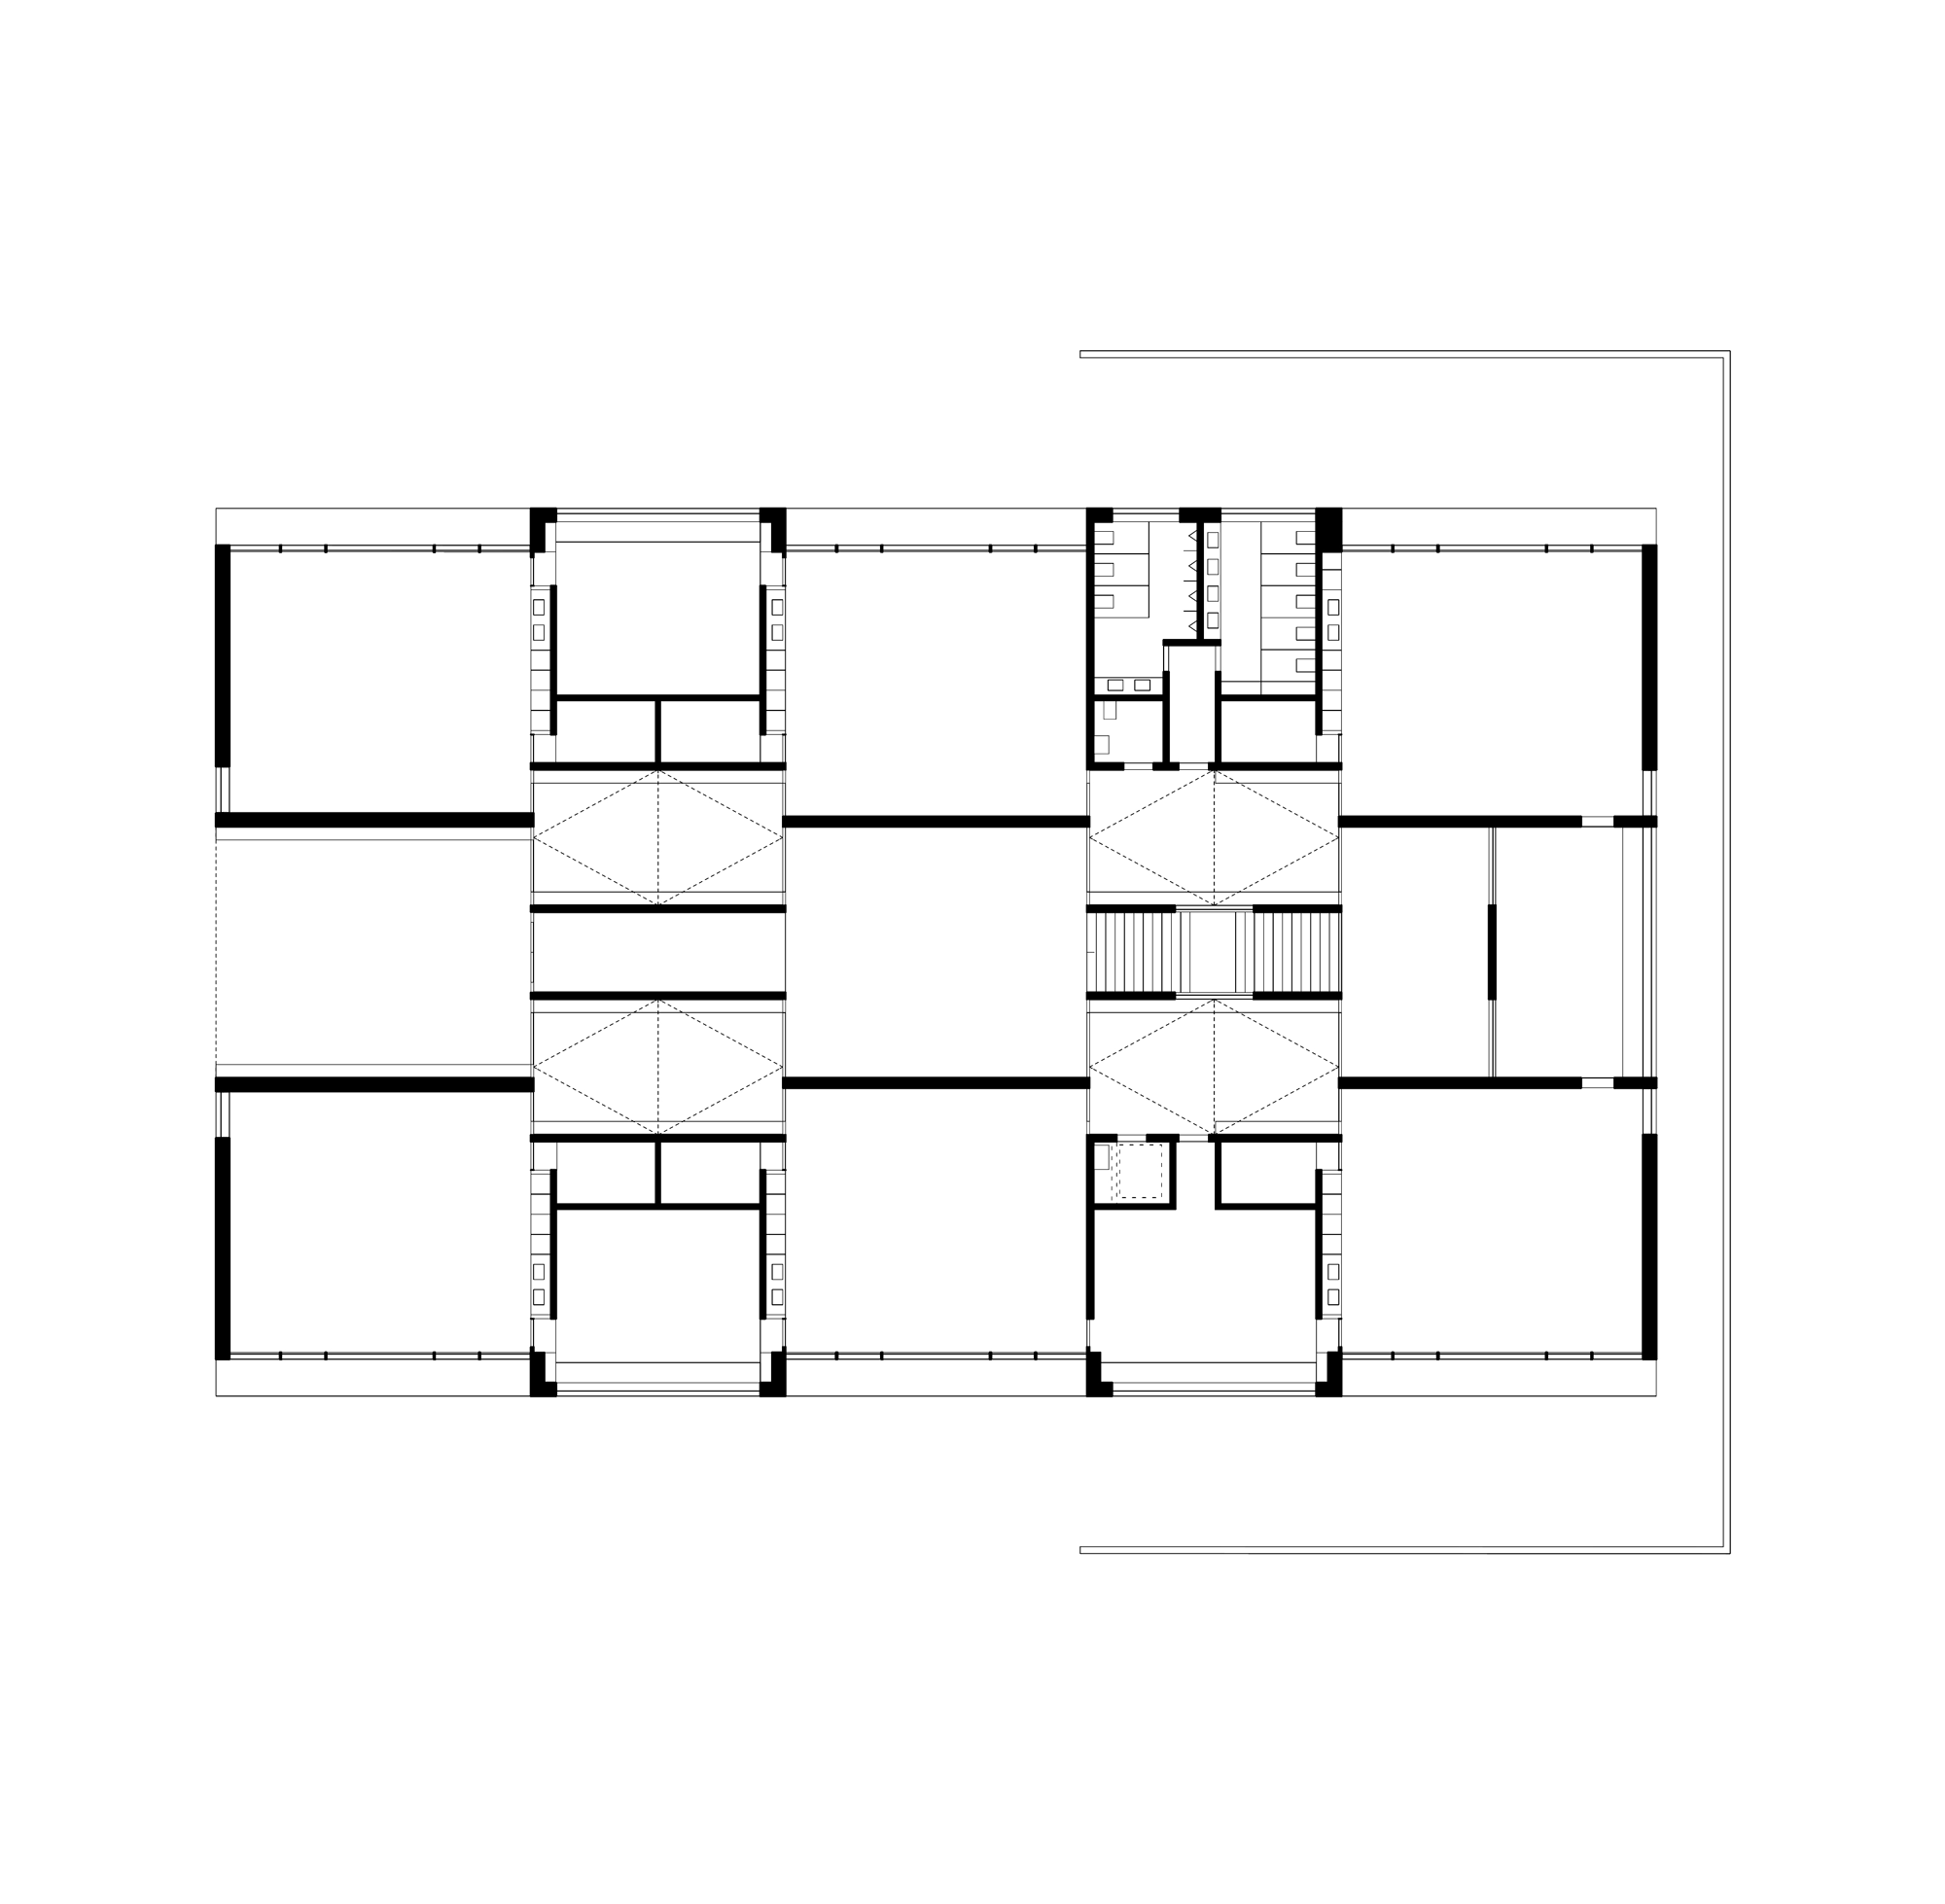 200-Grundriss-Neubau-Kiga-Neuenkirch-1_200_web.png